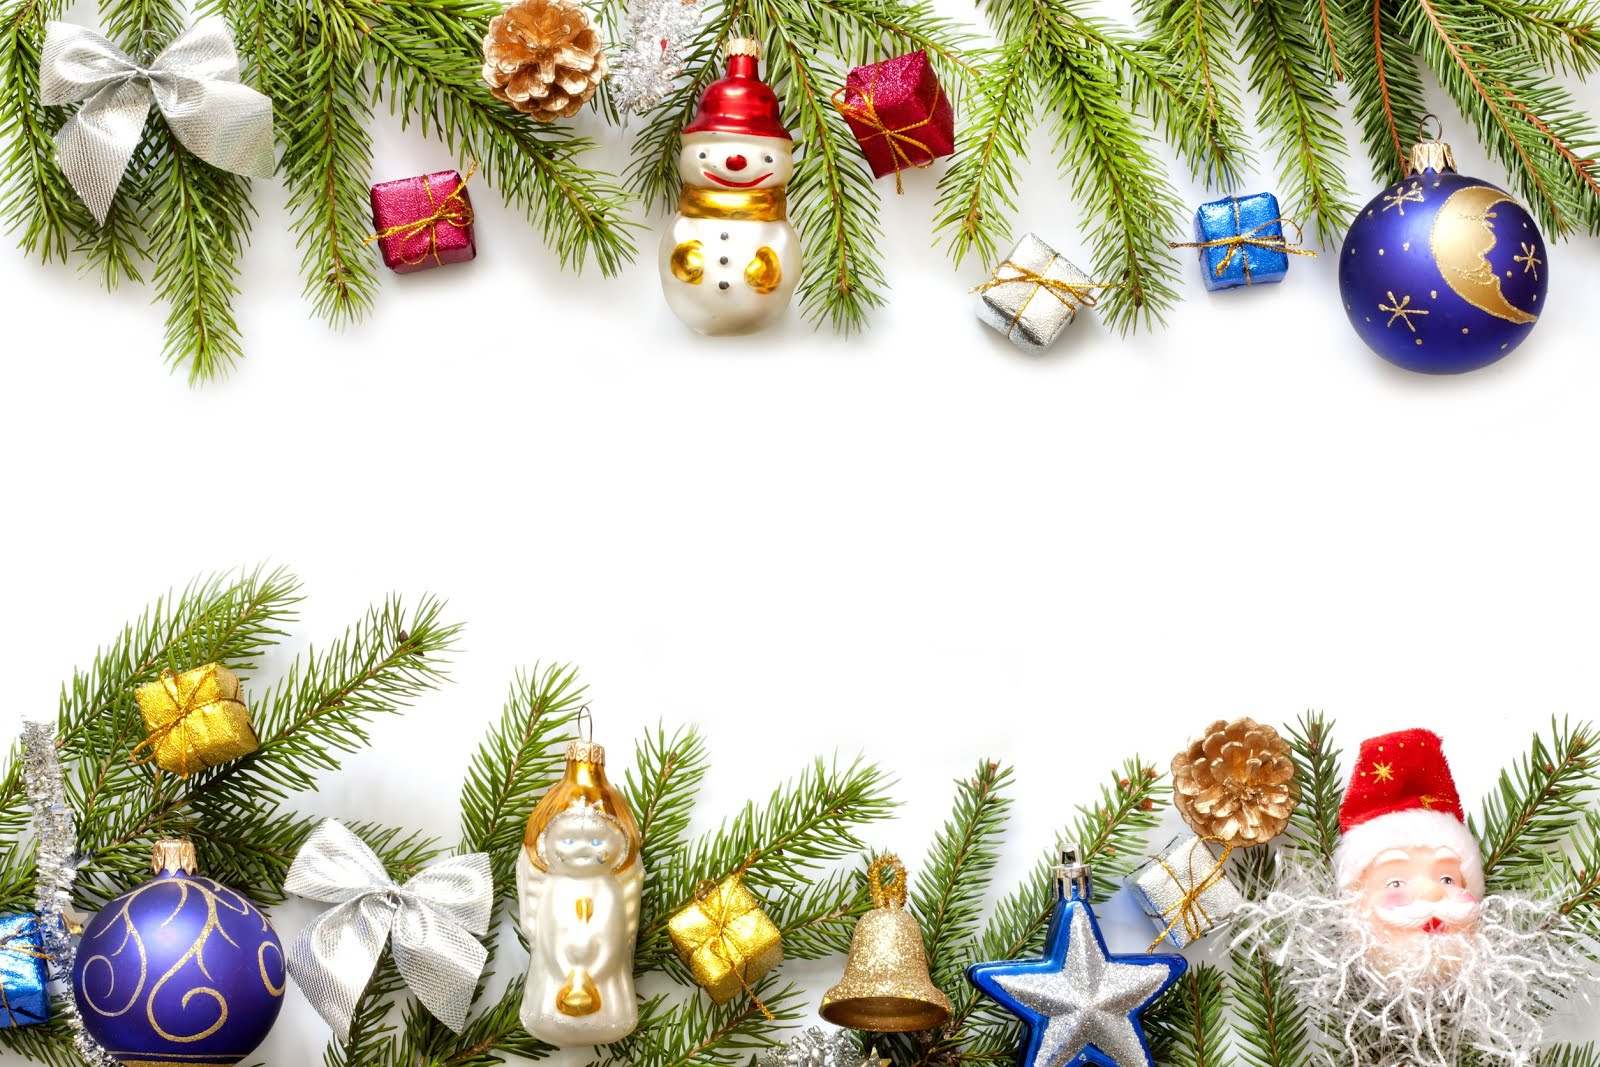 Tarjetas Navidad Para Personalizar - Decoración Del Hogar - Prosalo.com